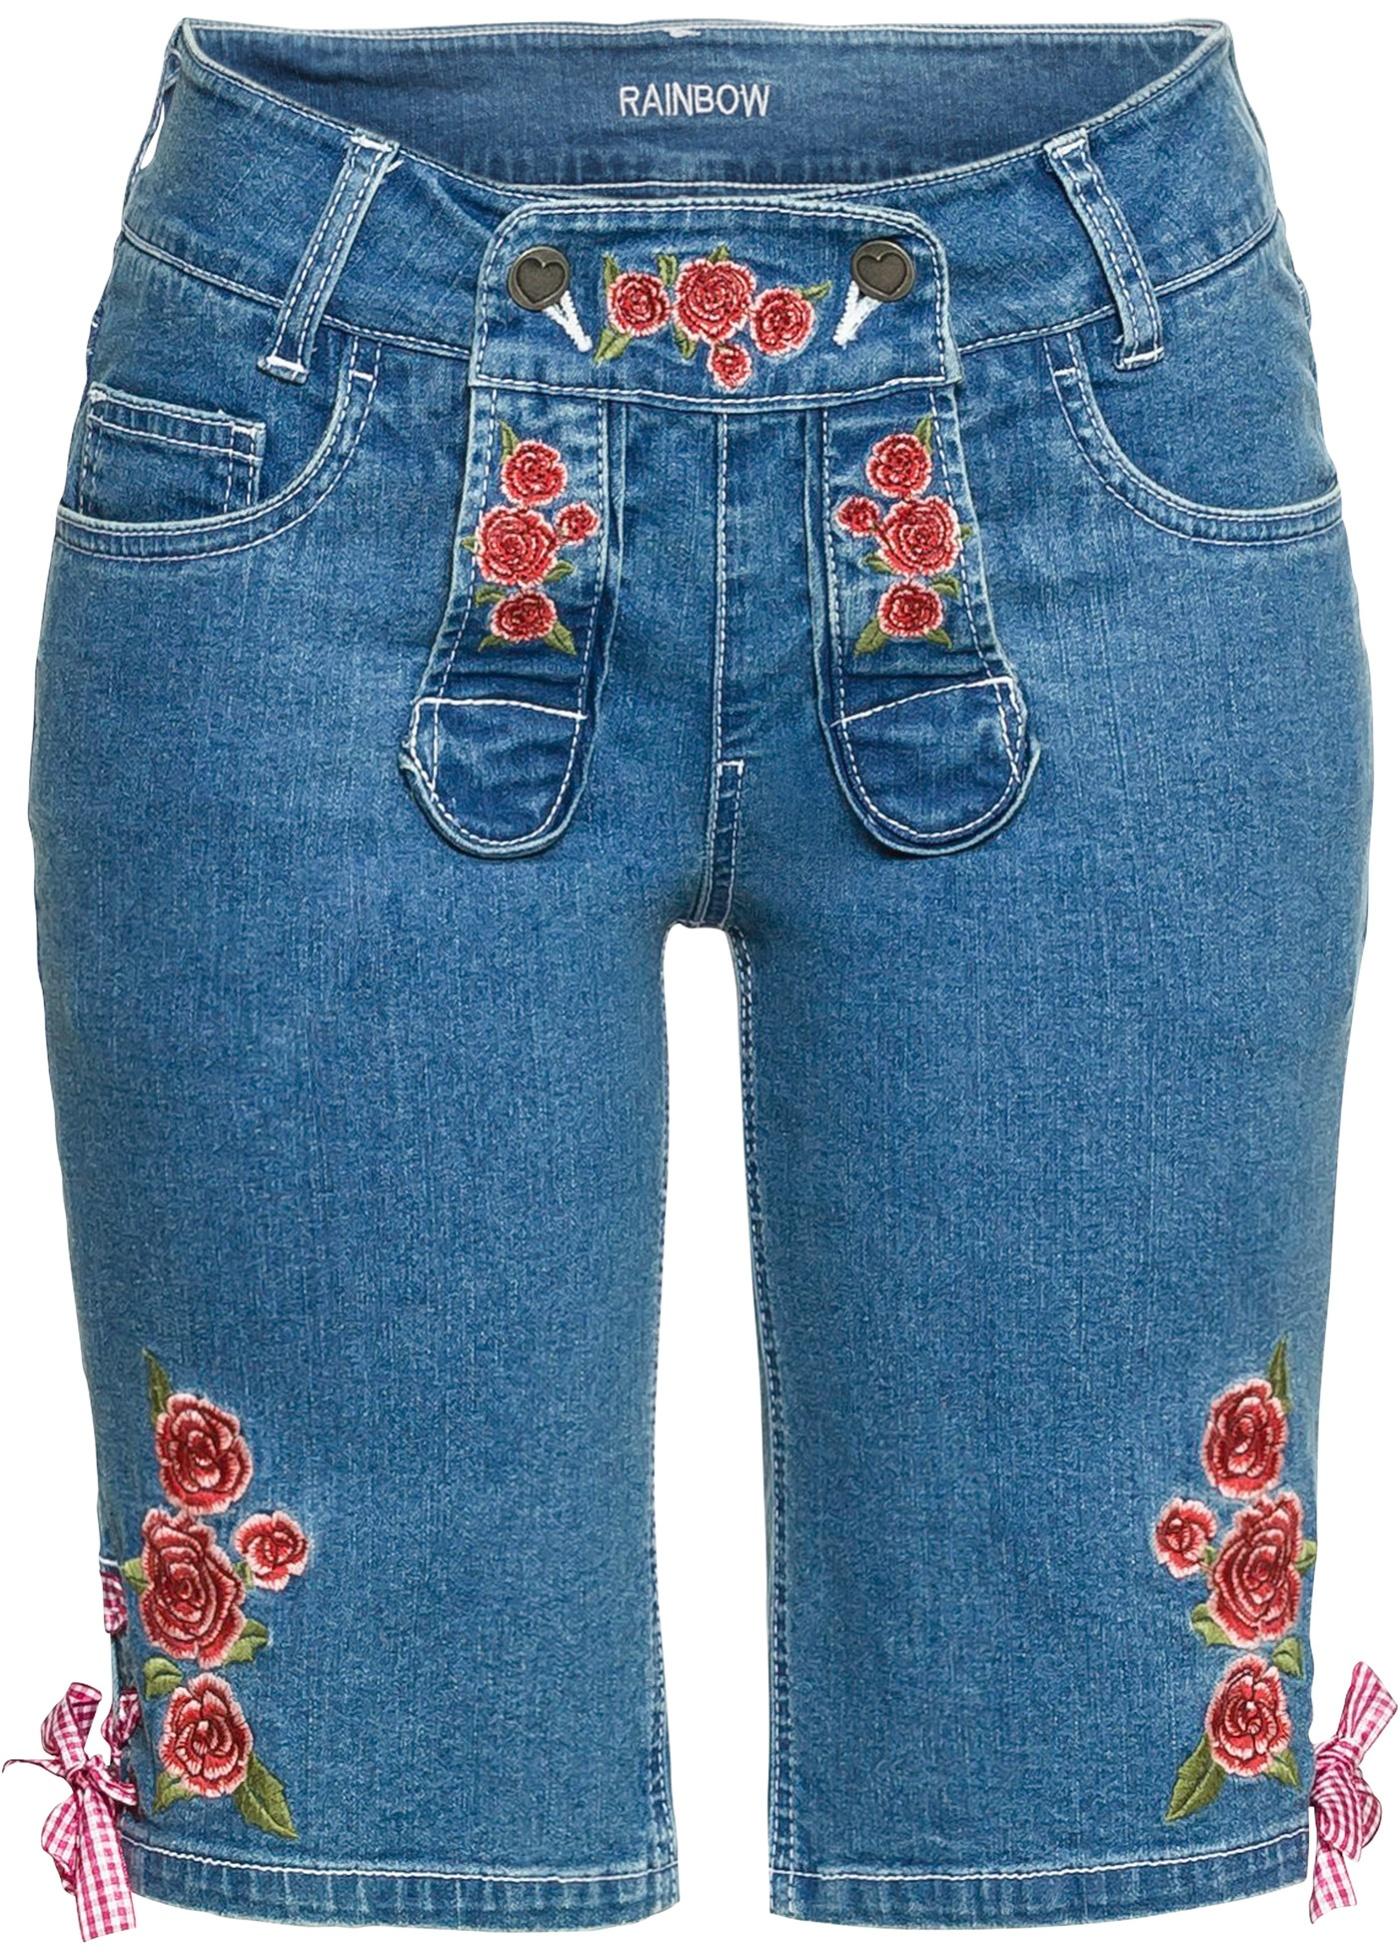 Details zu Dirndl Trachten Damen Jeans Shorts 36 Bermuda Hose blau kurz mit Ziernähten